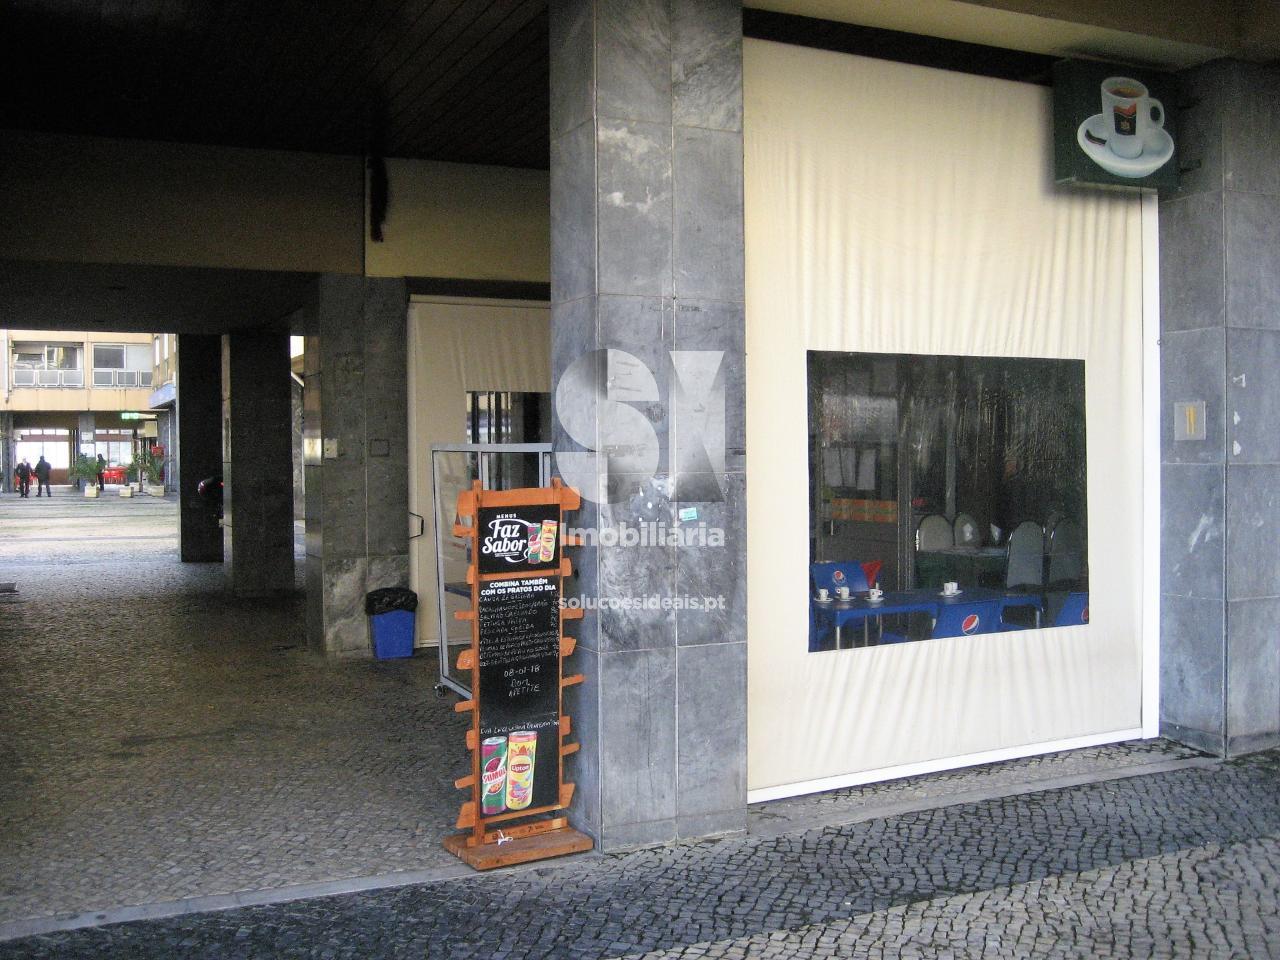 restaurante para trespasse em coimbra uniao das freguesias de coimbra se nova santa cruz almedina e sao bartolomeu baixa CELJD2511_1